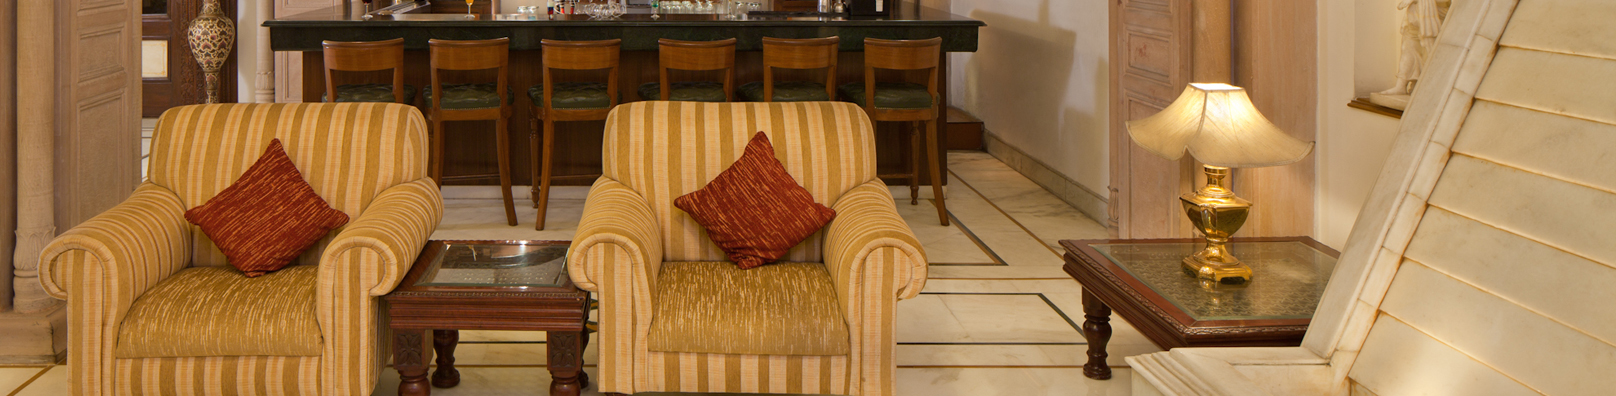 http://www.mansinghhotels.com/images/overview_jp.jpg